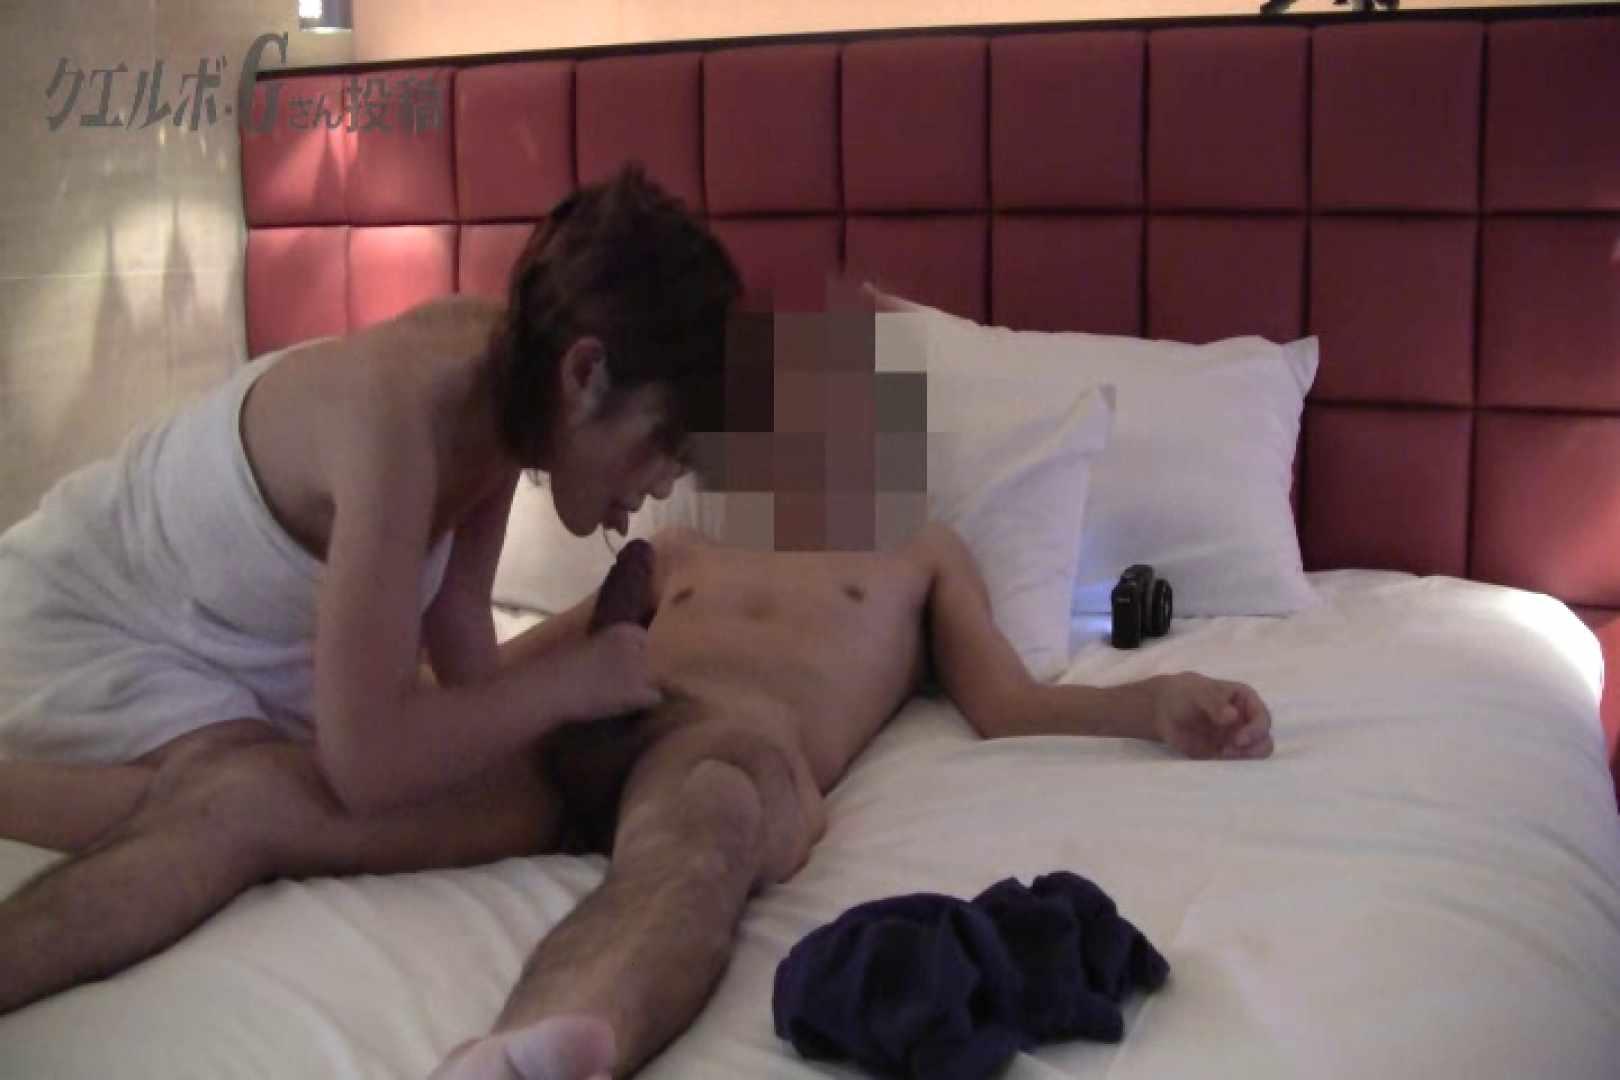 クエルボ・Gさん投稿 30歳人妻さんとの×××vol.4 スケベ SEX無修正画像 56PIX 12